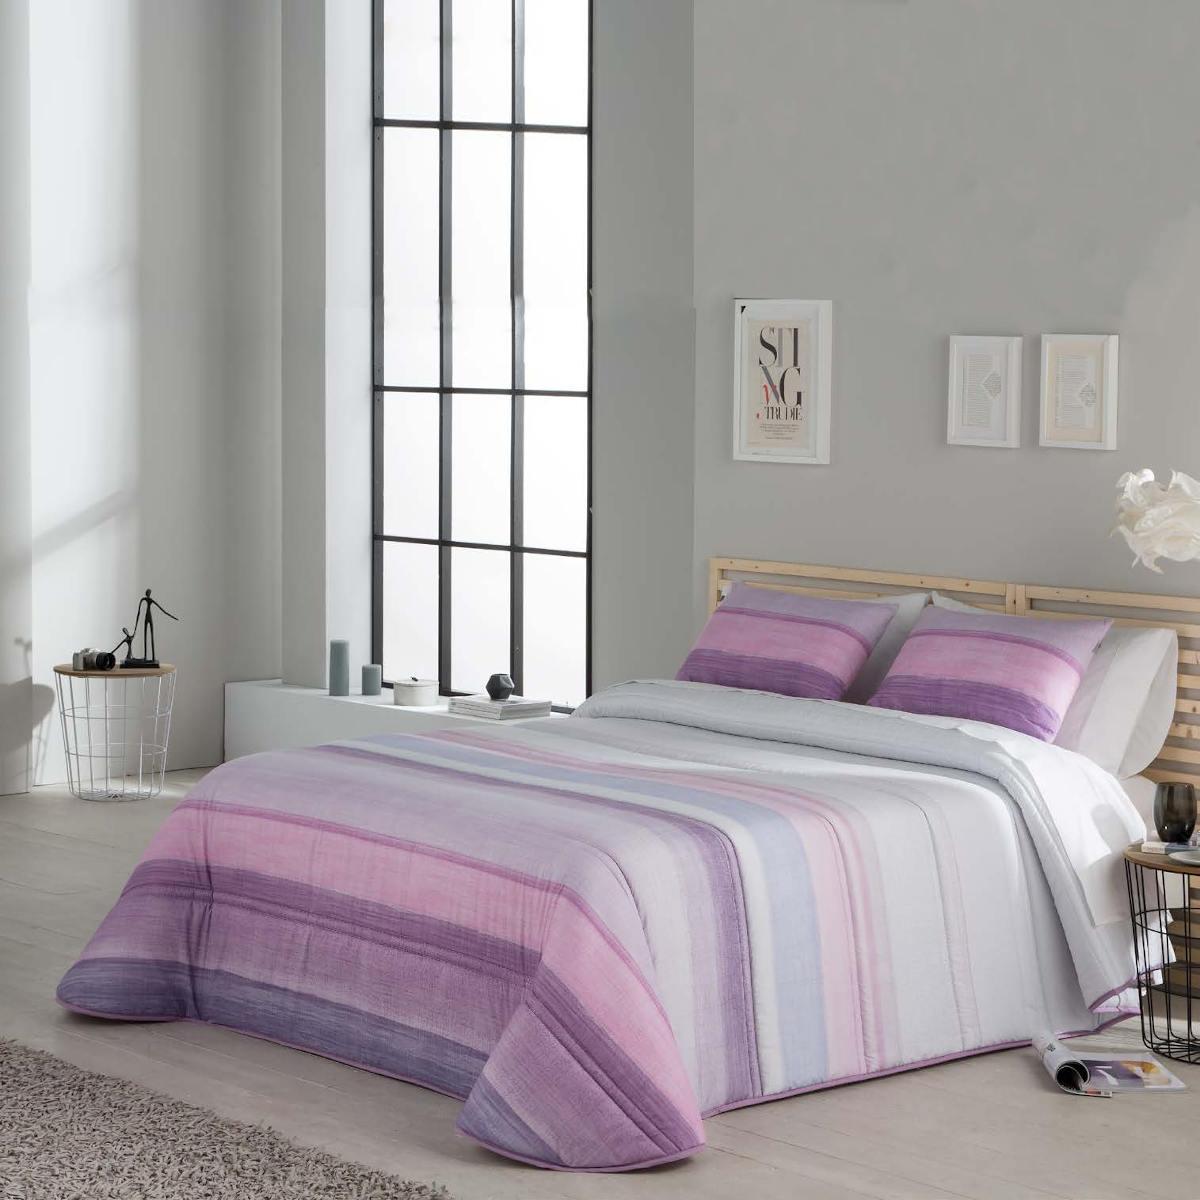 Precioso conforter para camas desde 90 hasta 150. Puedes elegir